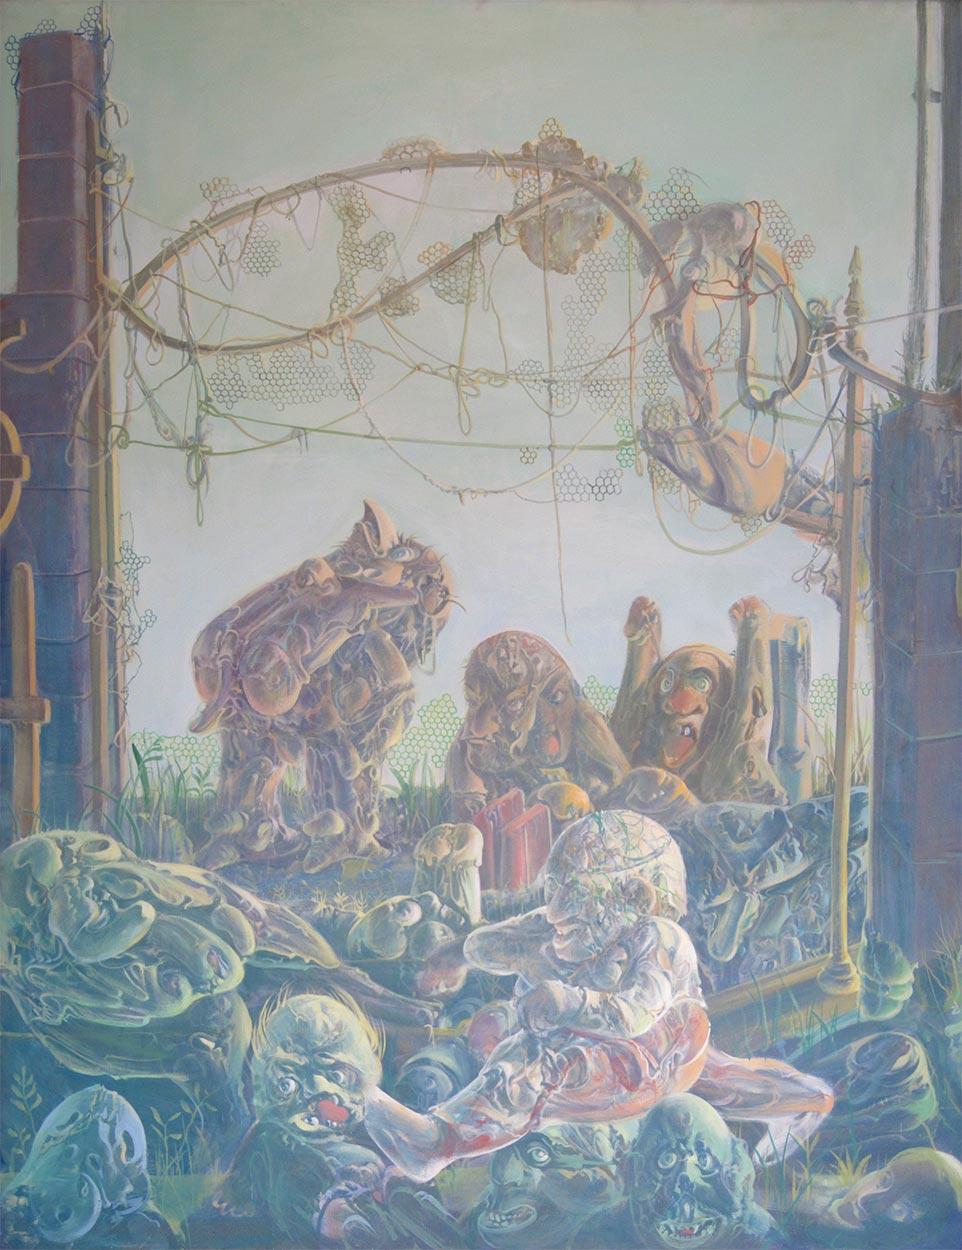 Dado: Pali-Kao Triptych, 1972